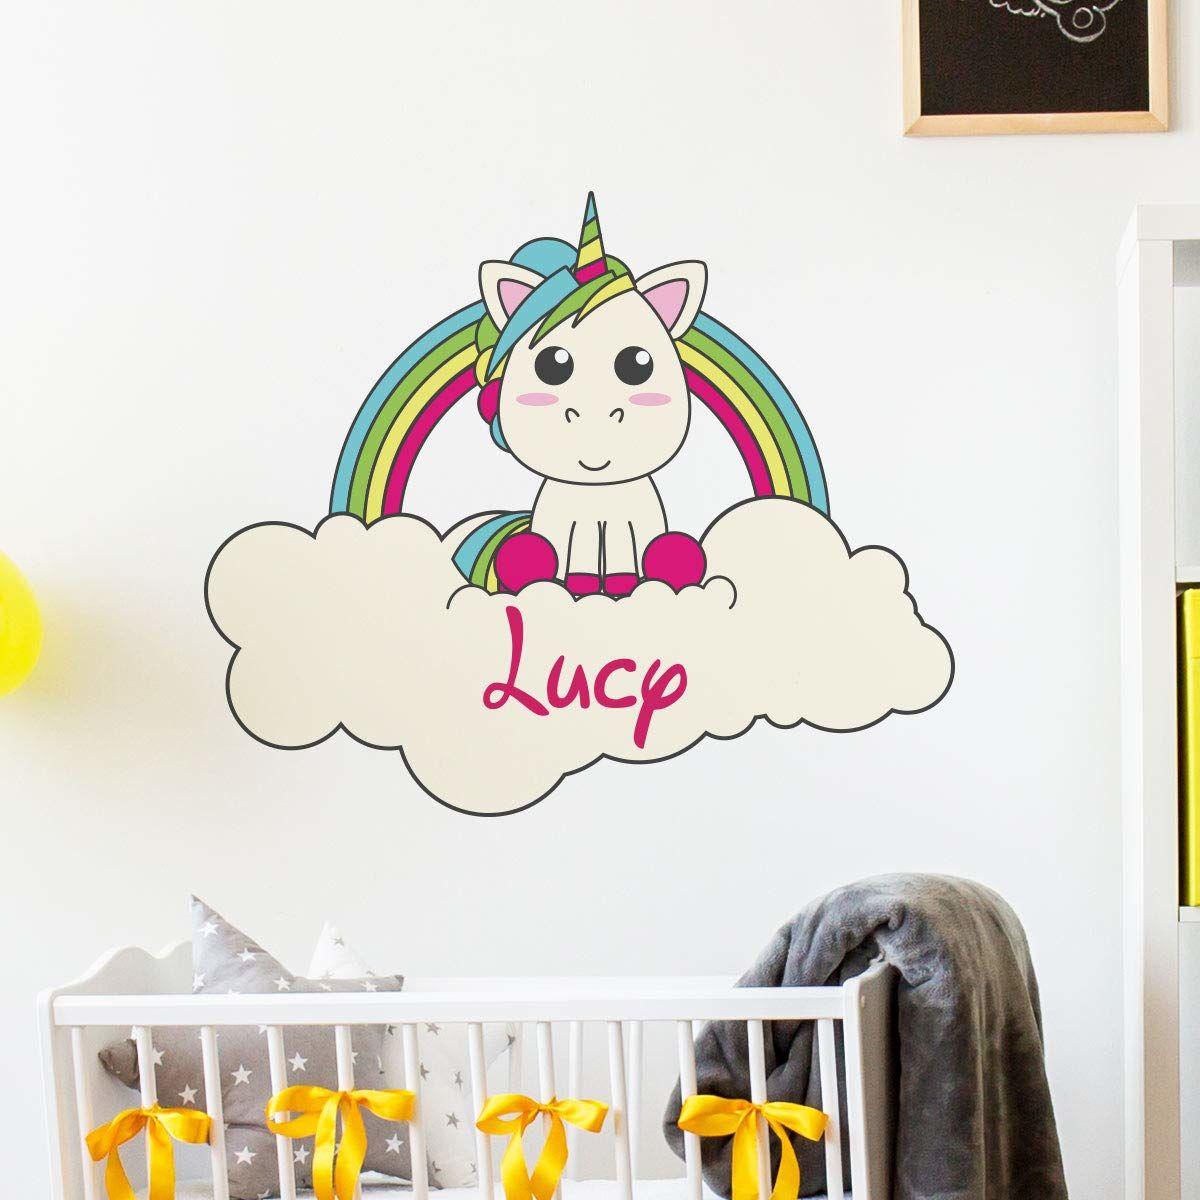 Spersonalizowane naklejki z imieniem spersonalizowane naklejki z imieniem  dekoracje ścienne do pokoju dziecięcego 2 arkusze po 30 x 35 cm i 40 x 25 cm  wielokolorowe